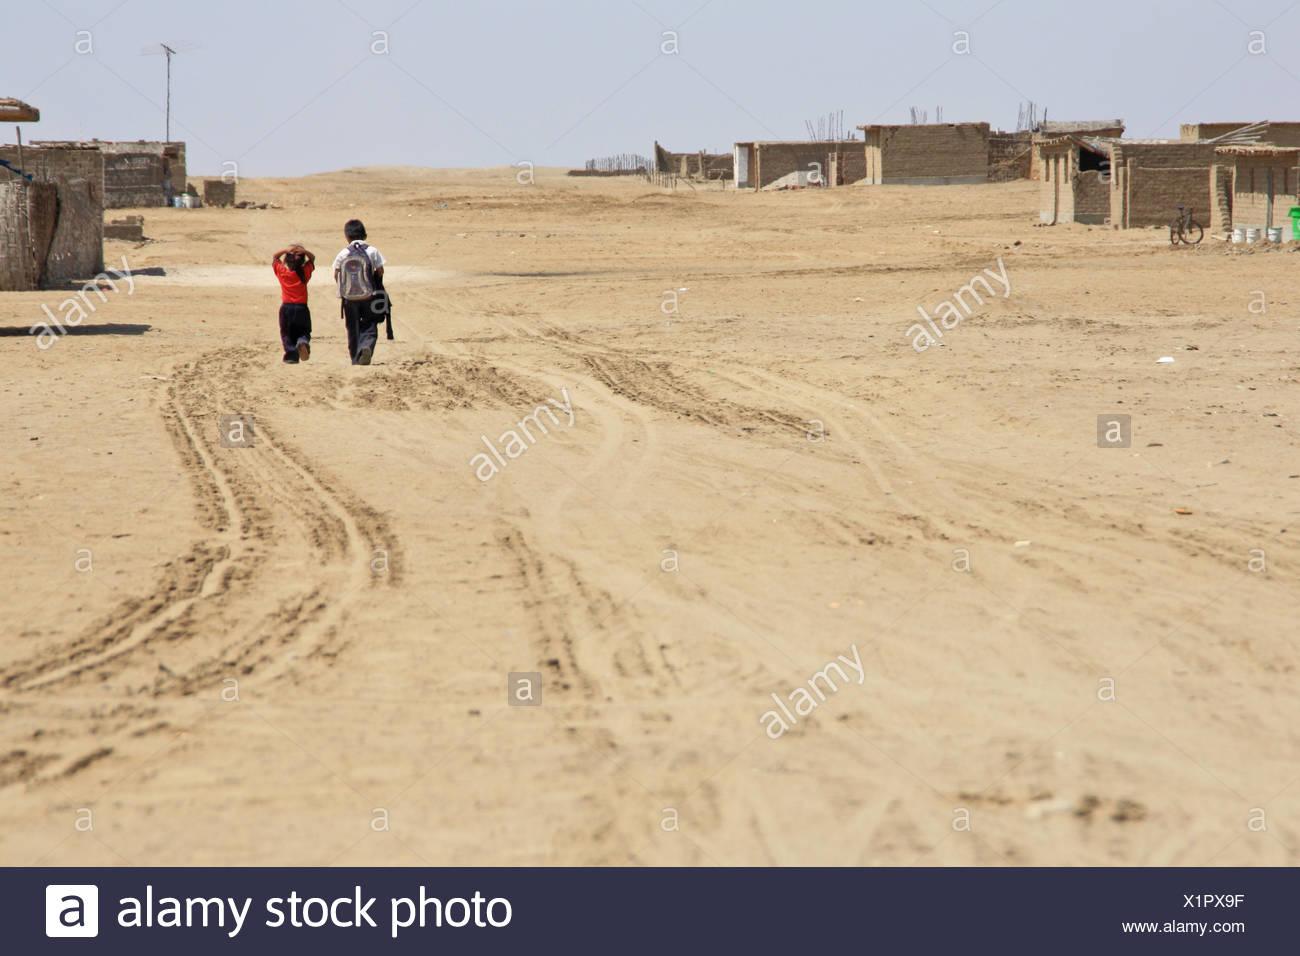 Schoolchildren in the desert - Stock Image